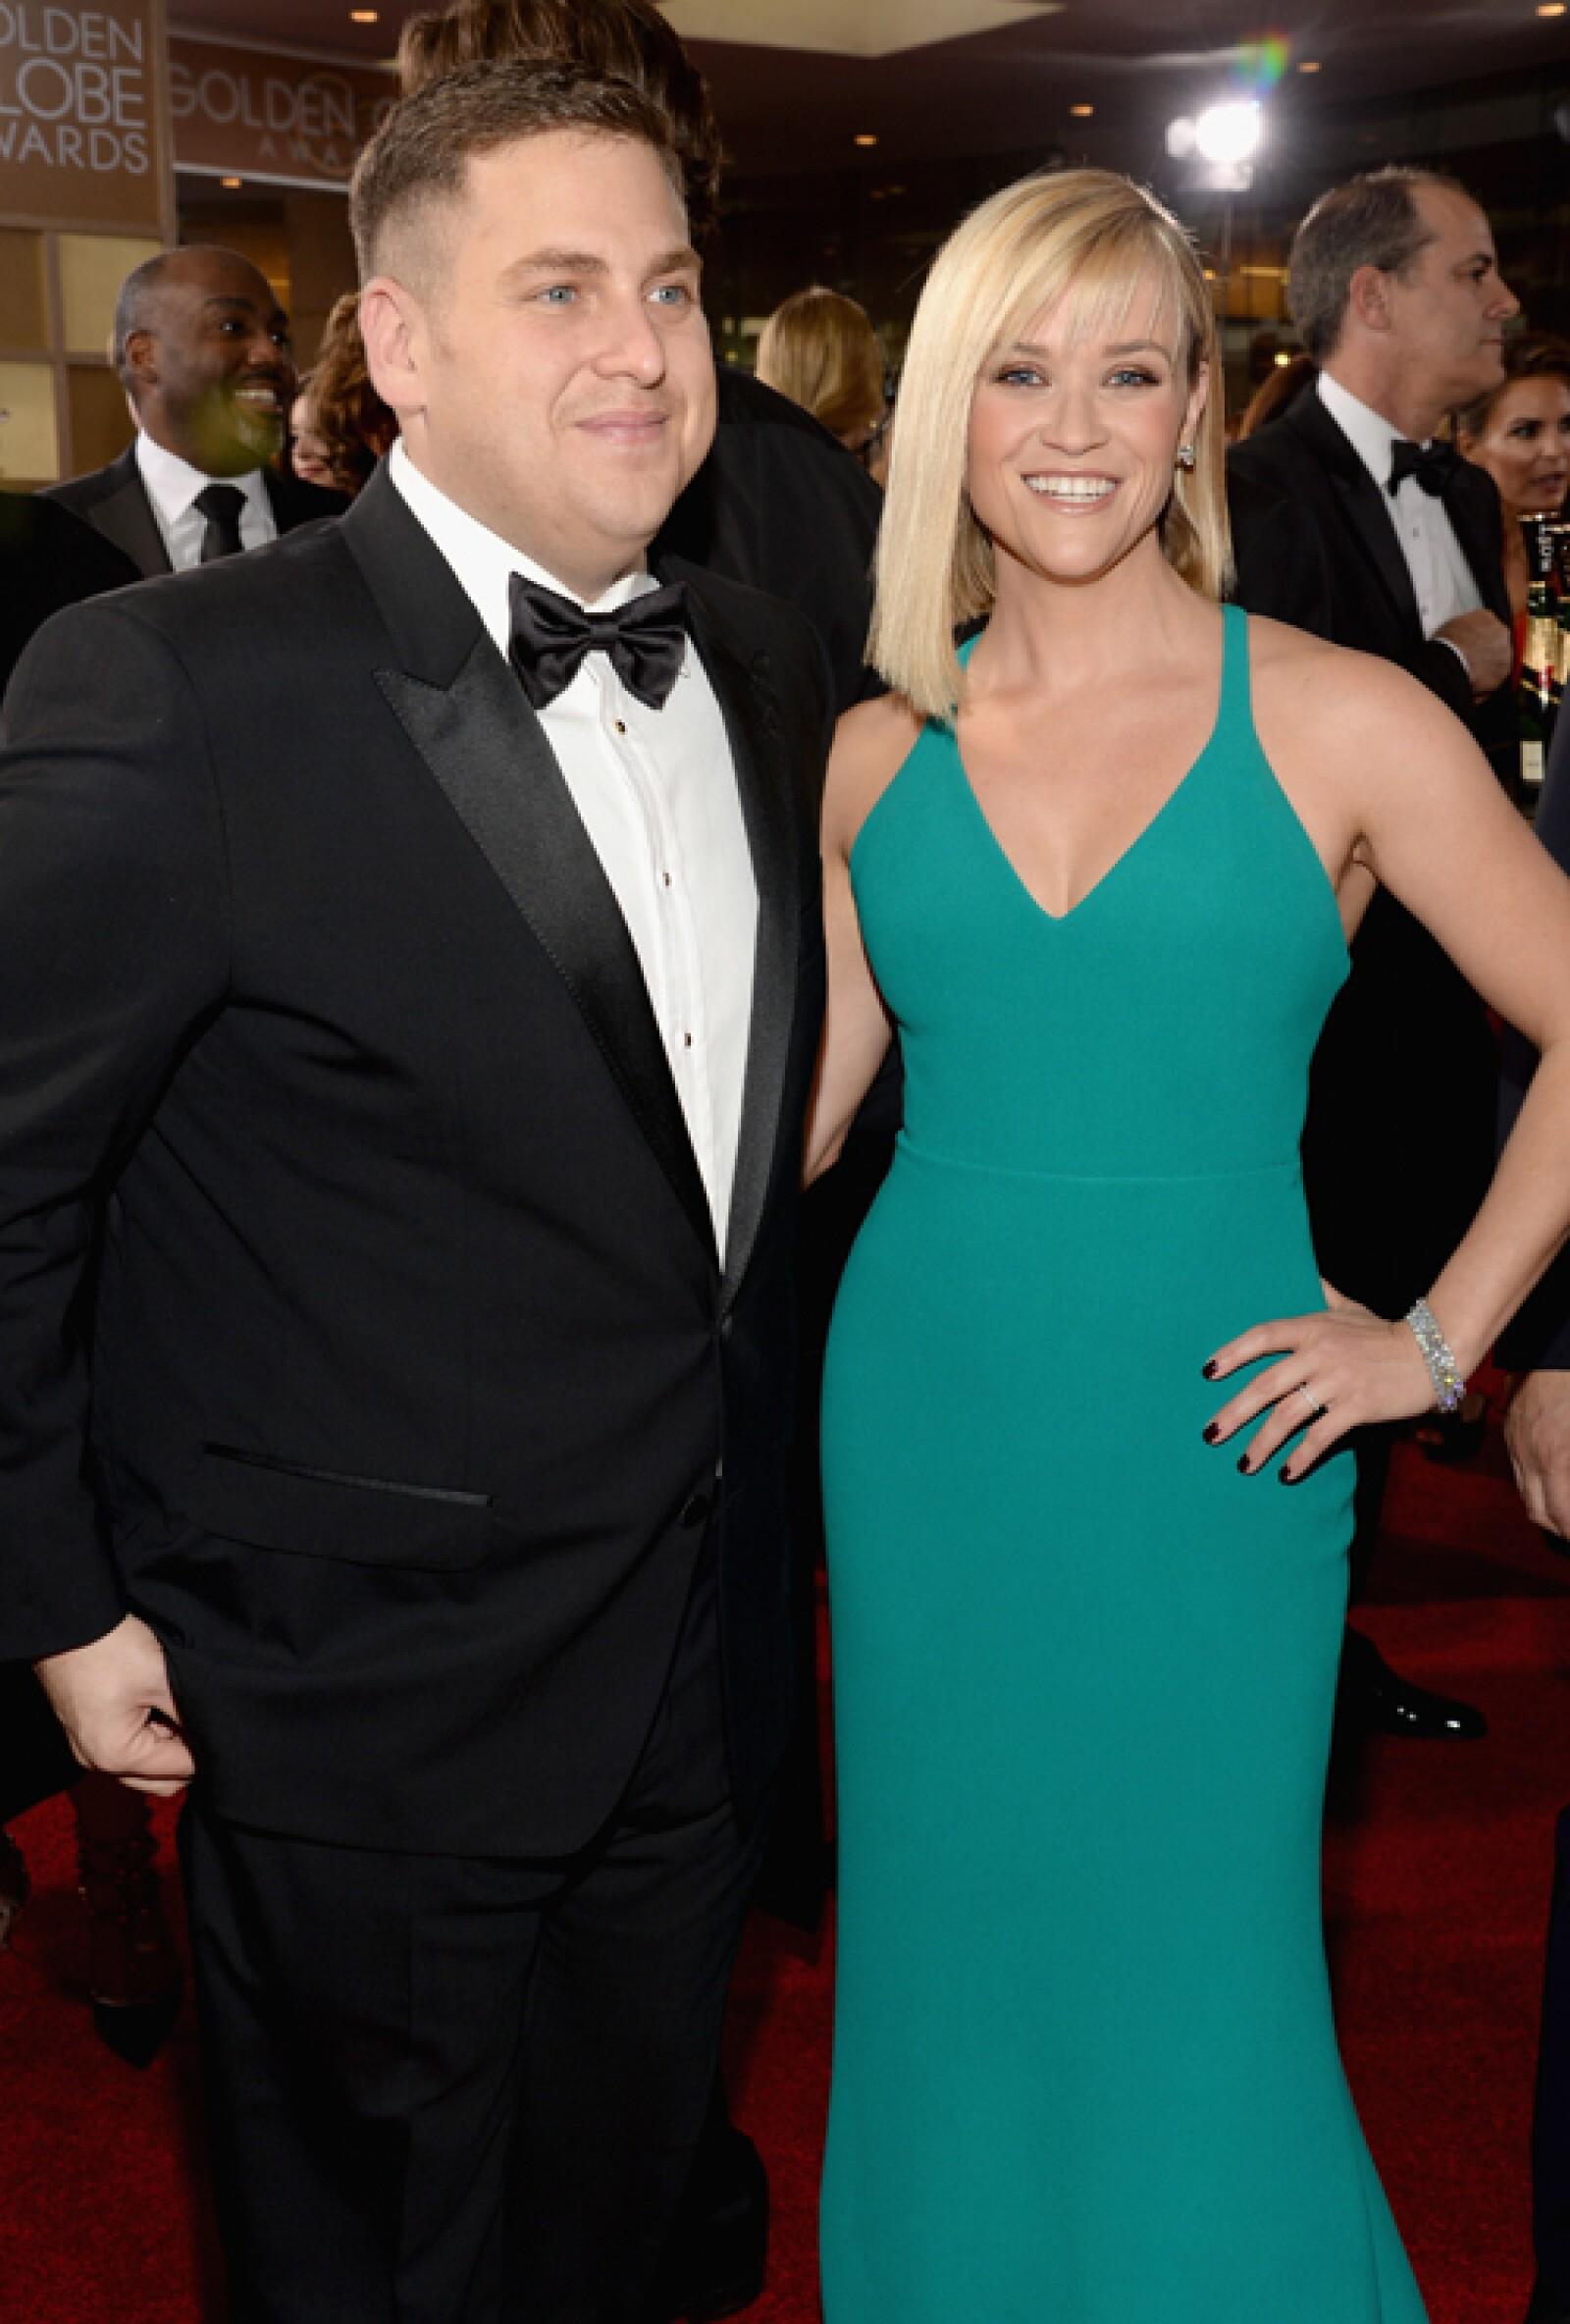 Jonah Hill sorprendió al posar en la alfombra roja junto a la hermosísima Reese Witherspoon.